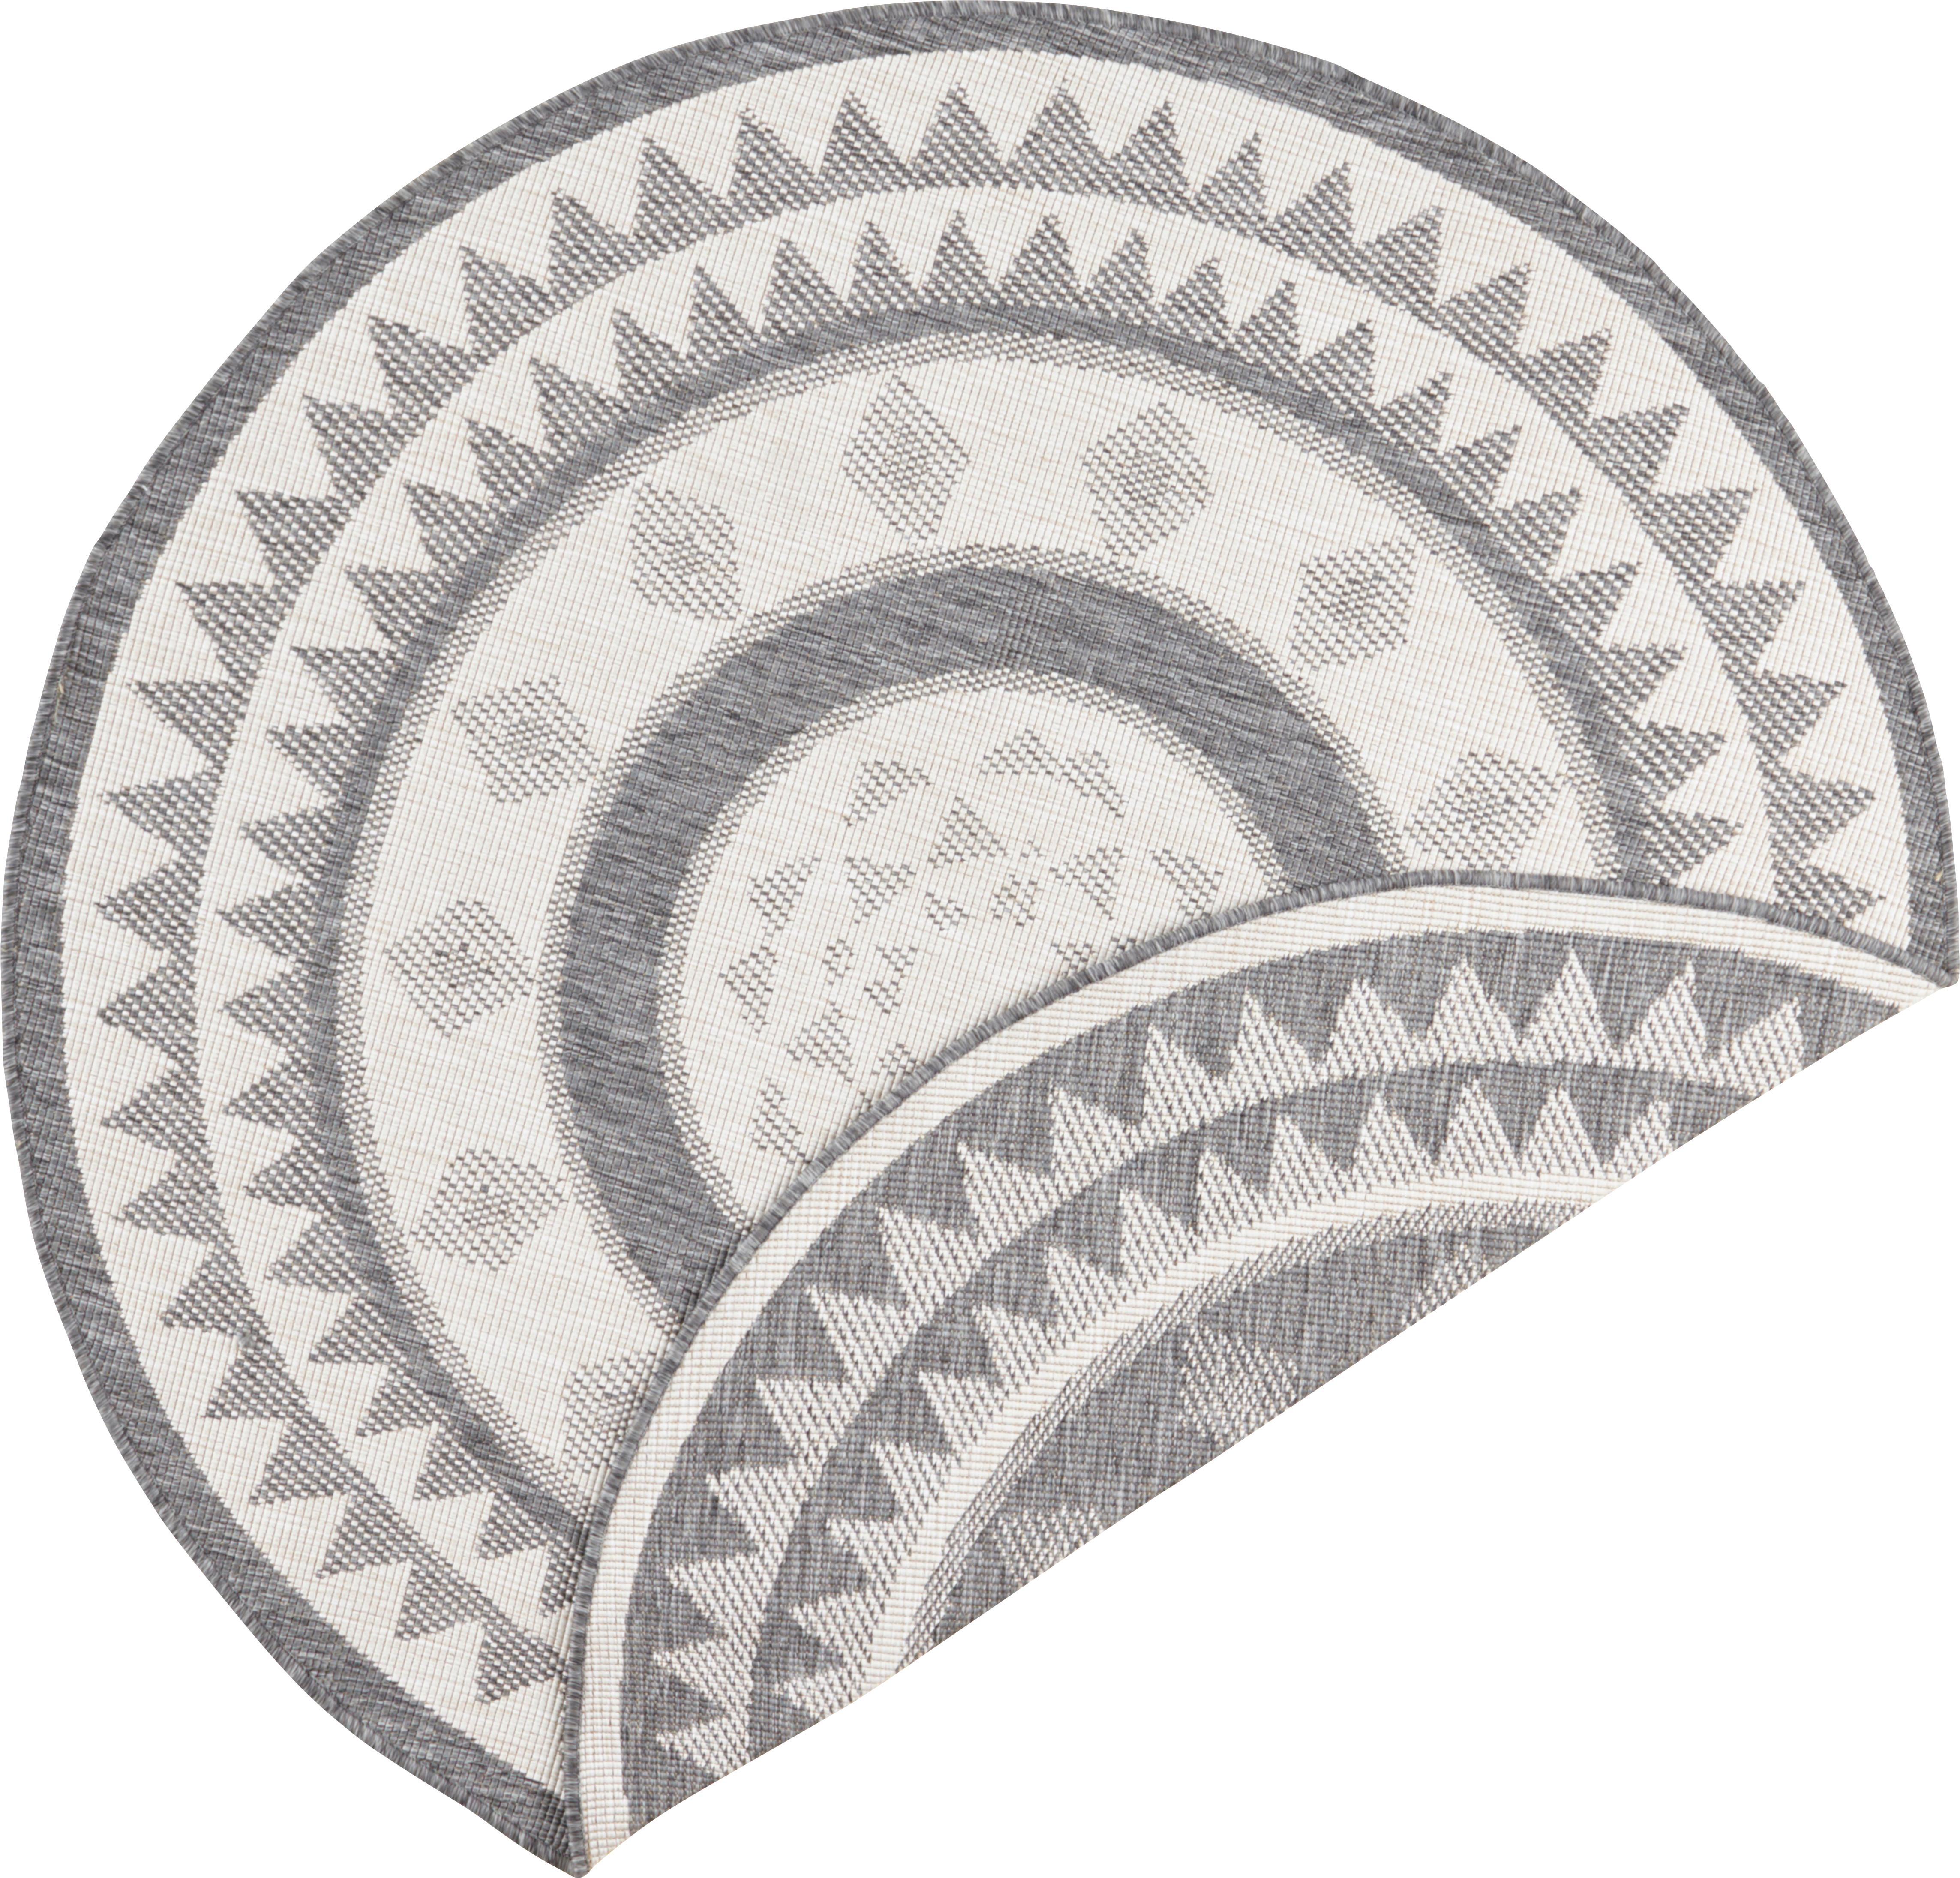 Tappeto rotondo da interno-esterno Jamaica, Grigio, crema, Ø 140 cm (taglia M)